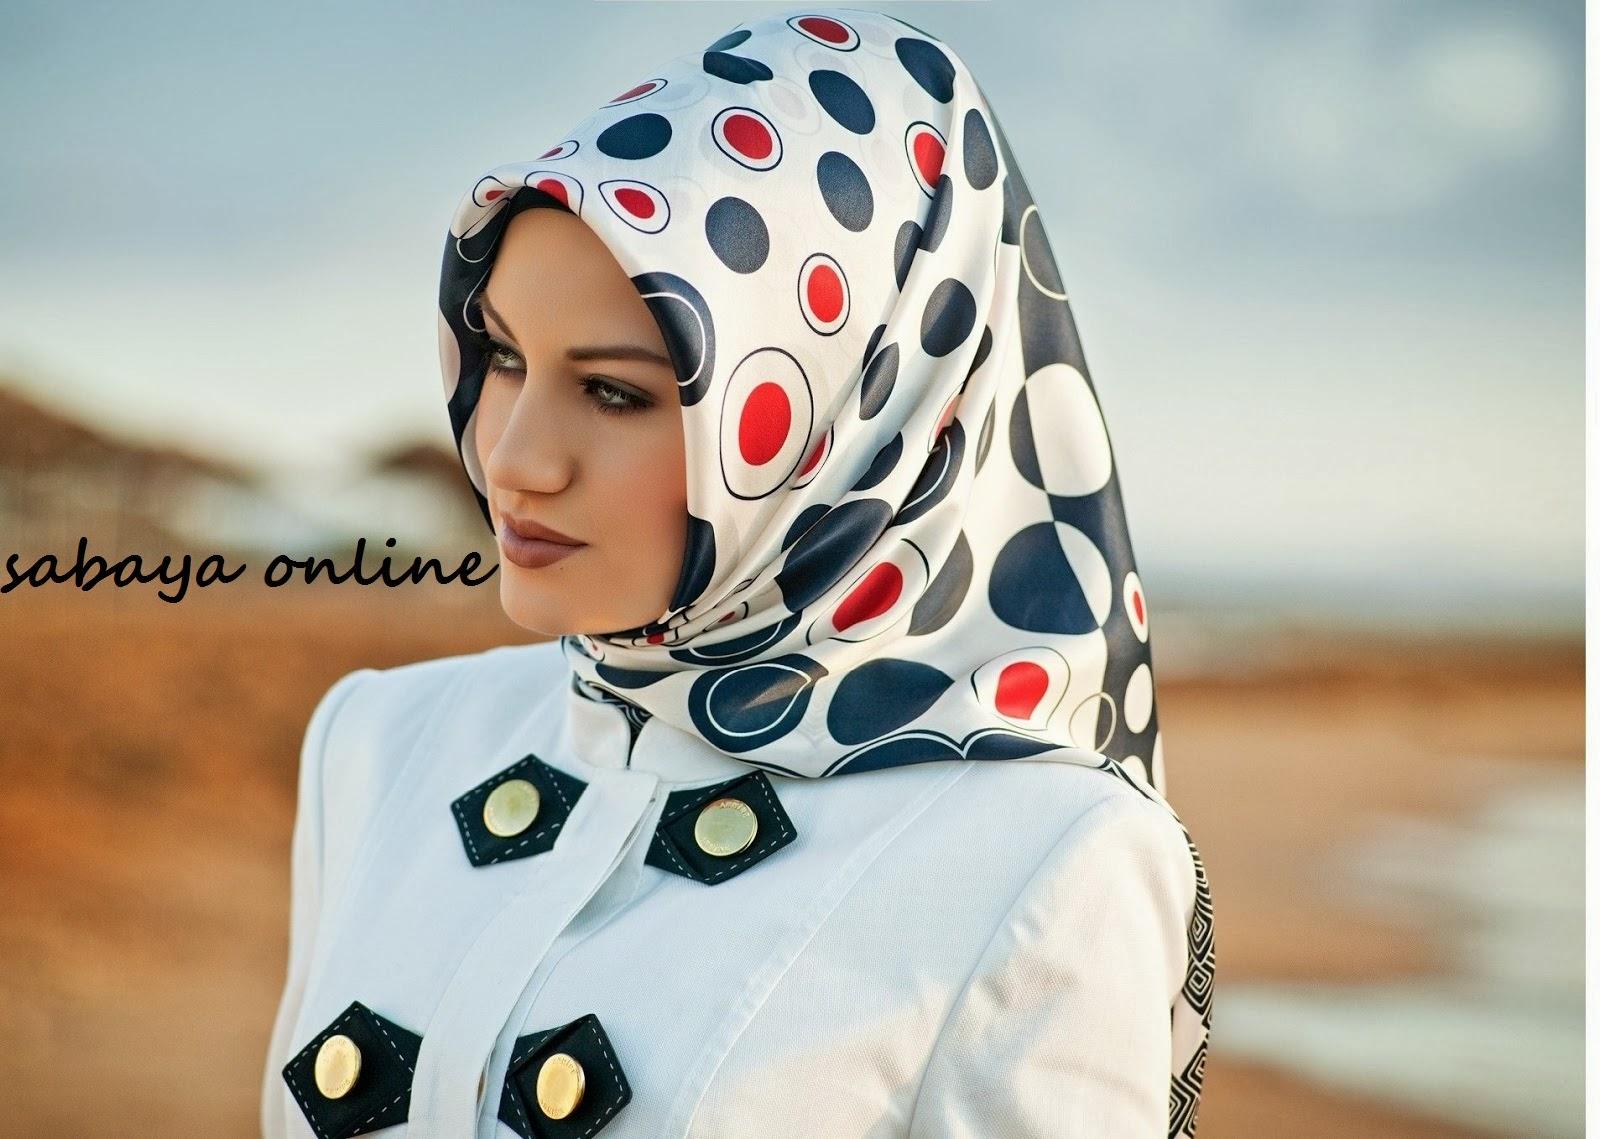 ff0624c52 لفات الحجاب حسب شكل الوجه - طريقة لف الشال التركي - كيف اربط حجابي ...